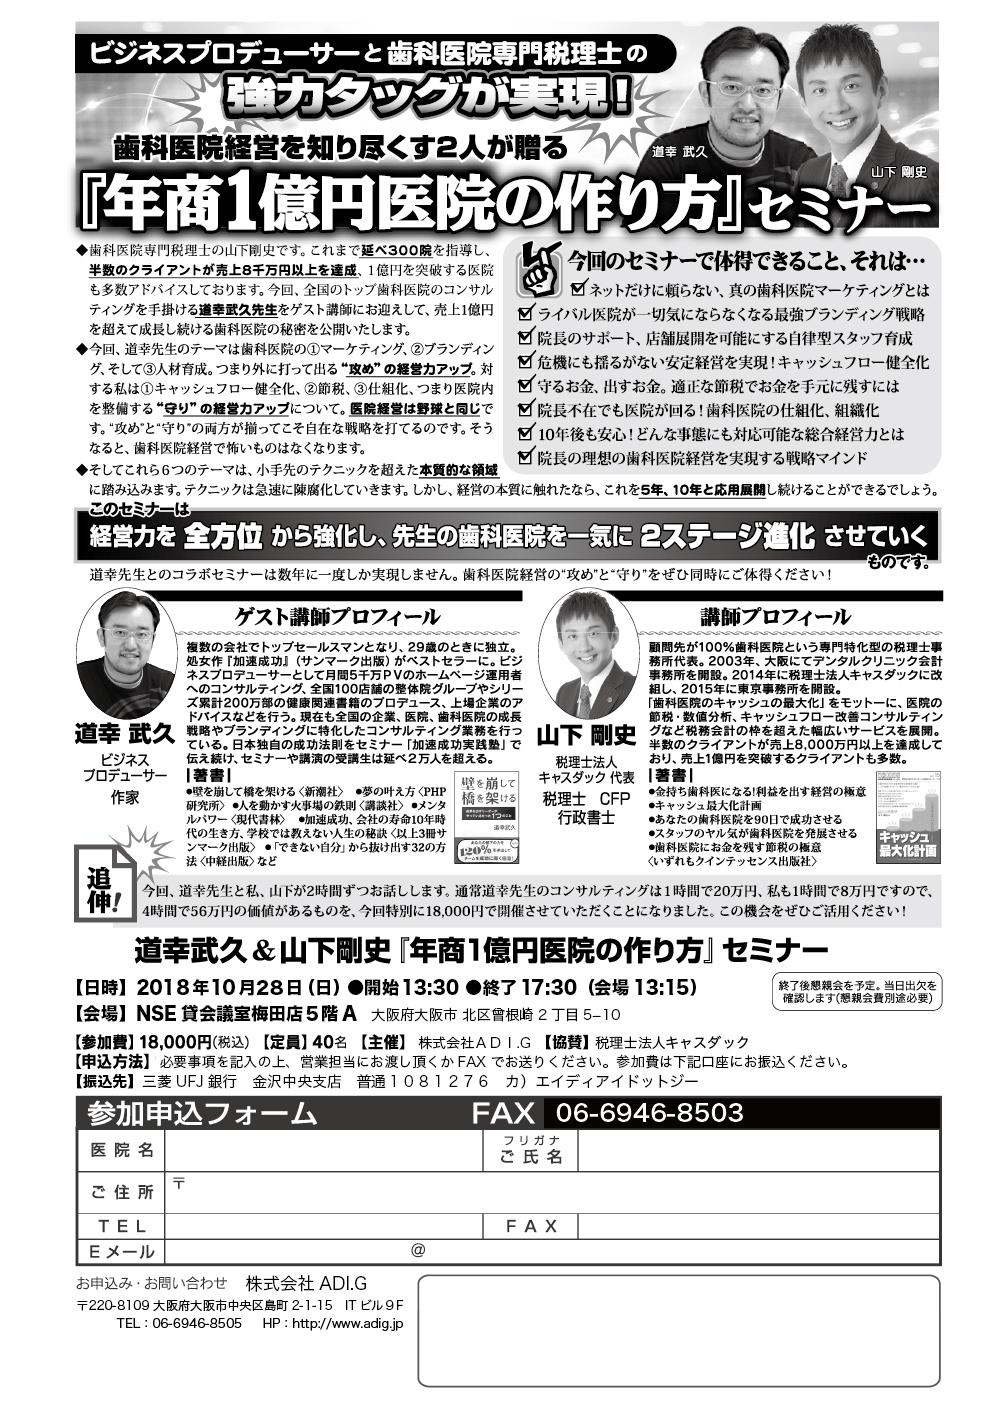 181028道幸先生山下先生セミナー大阪_B